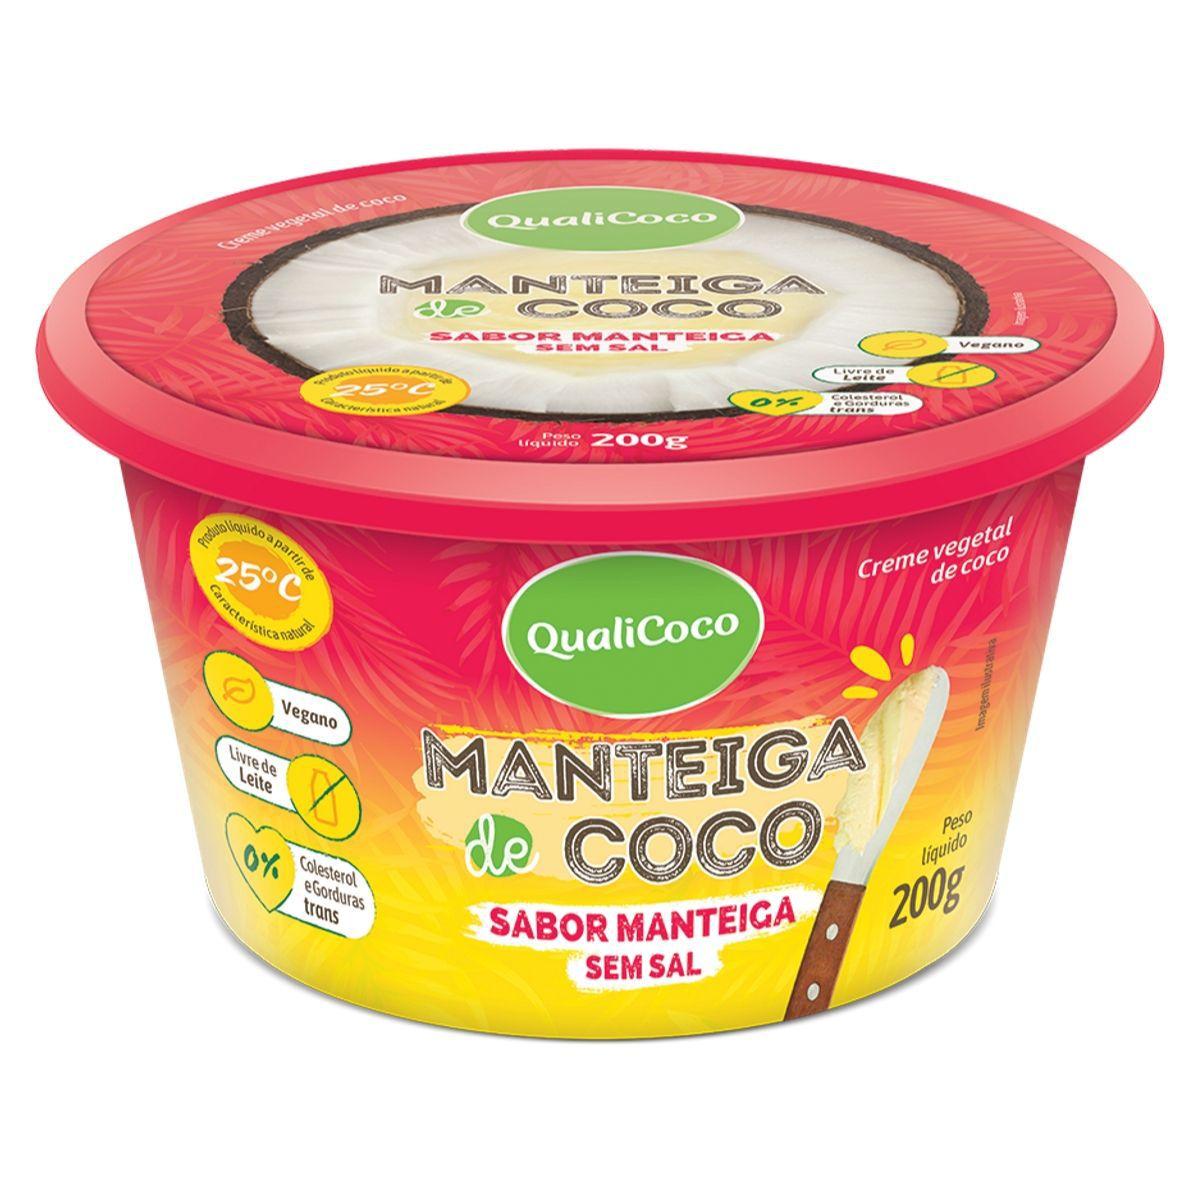 Manteiga De Coco Sem Sal Sabor Manteiga 200g - QualiCôco